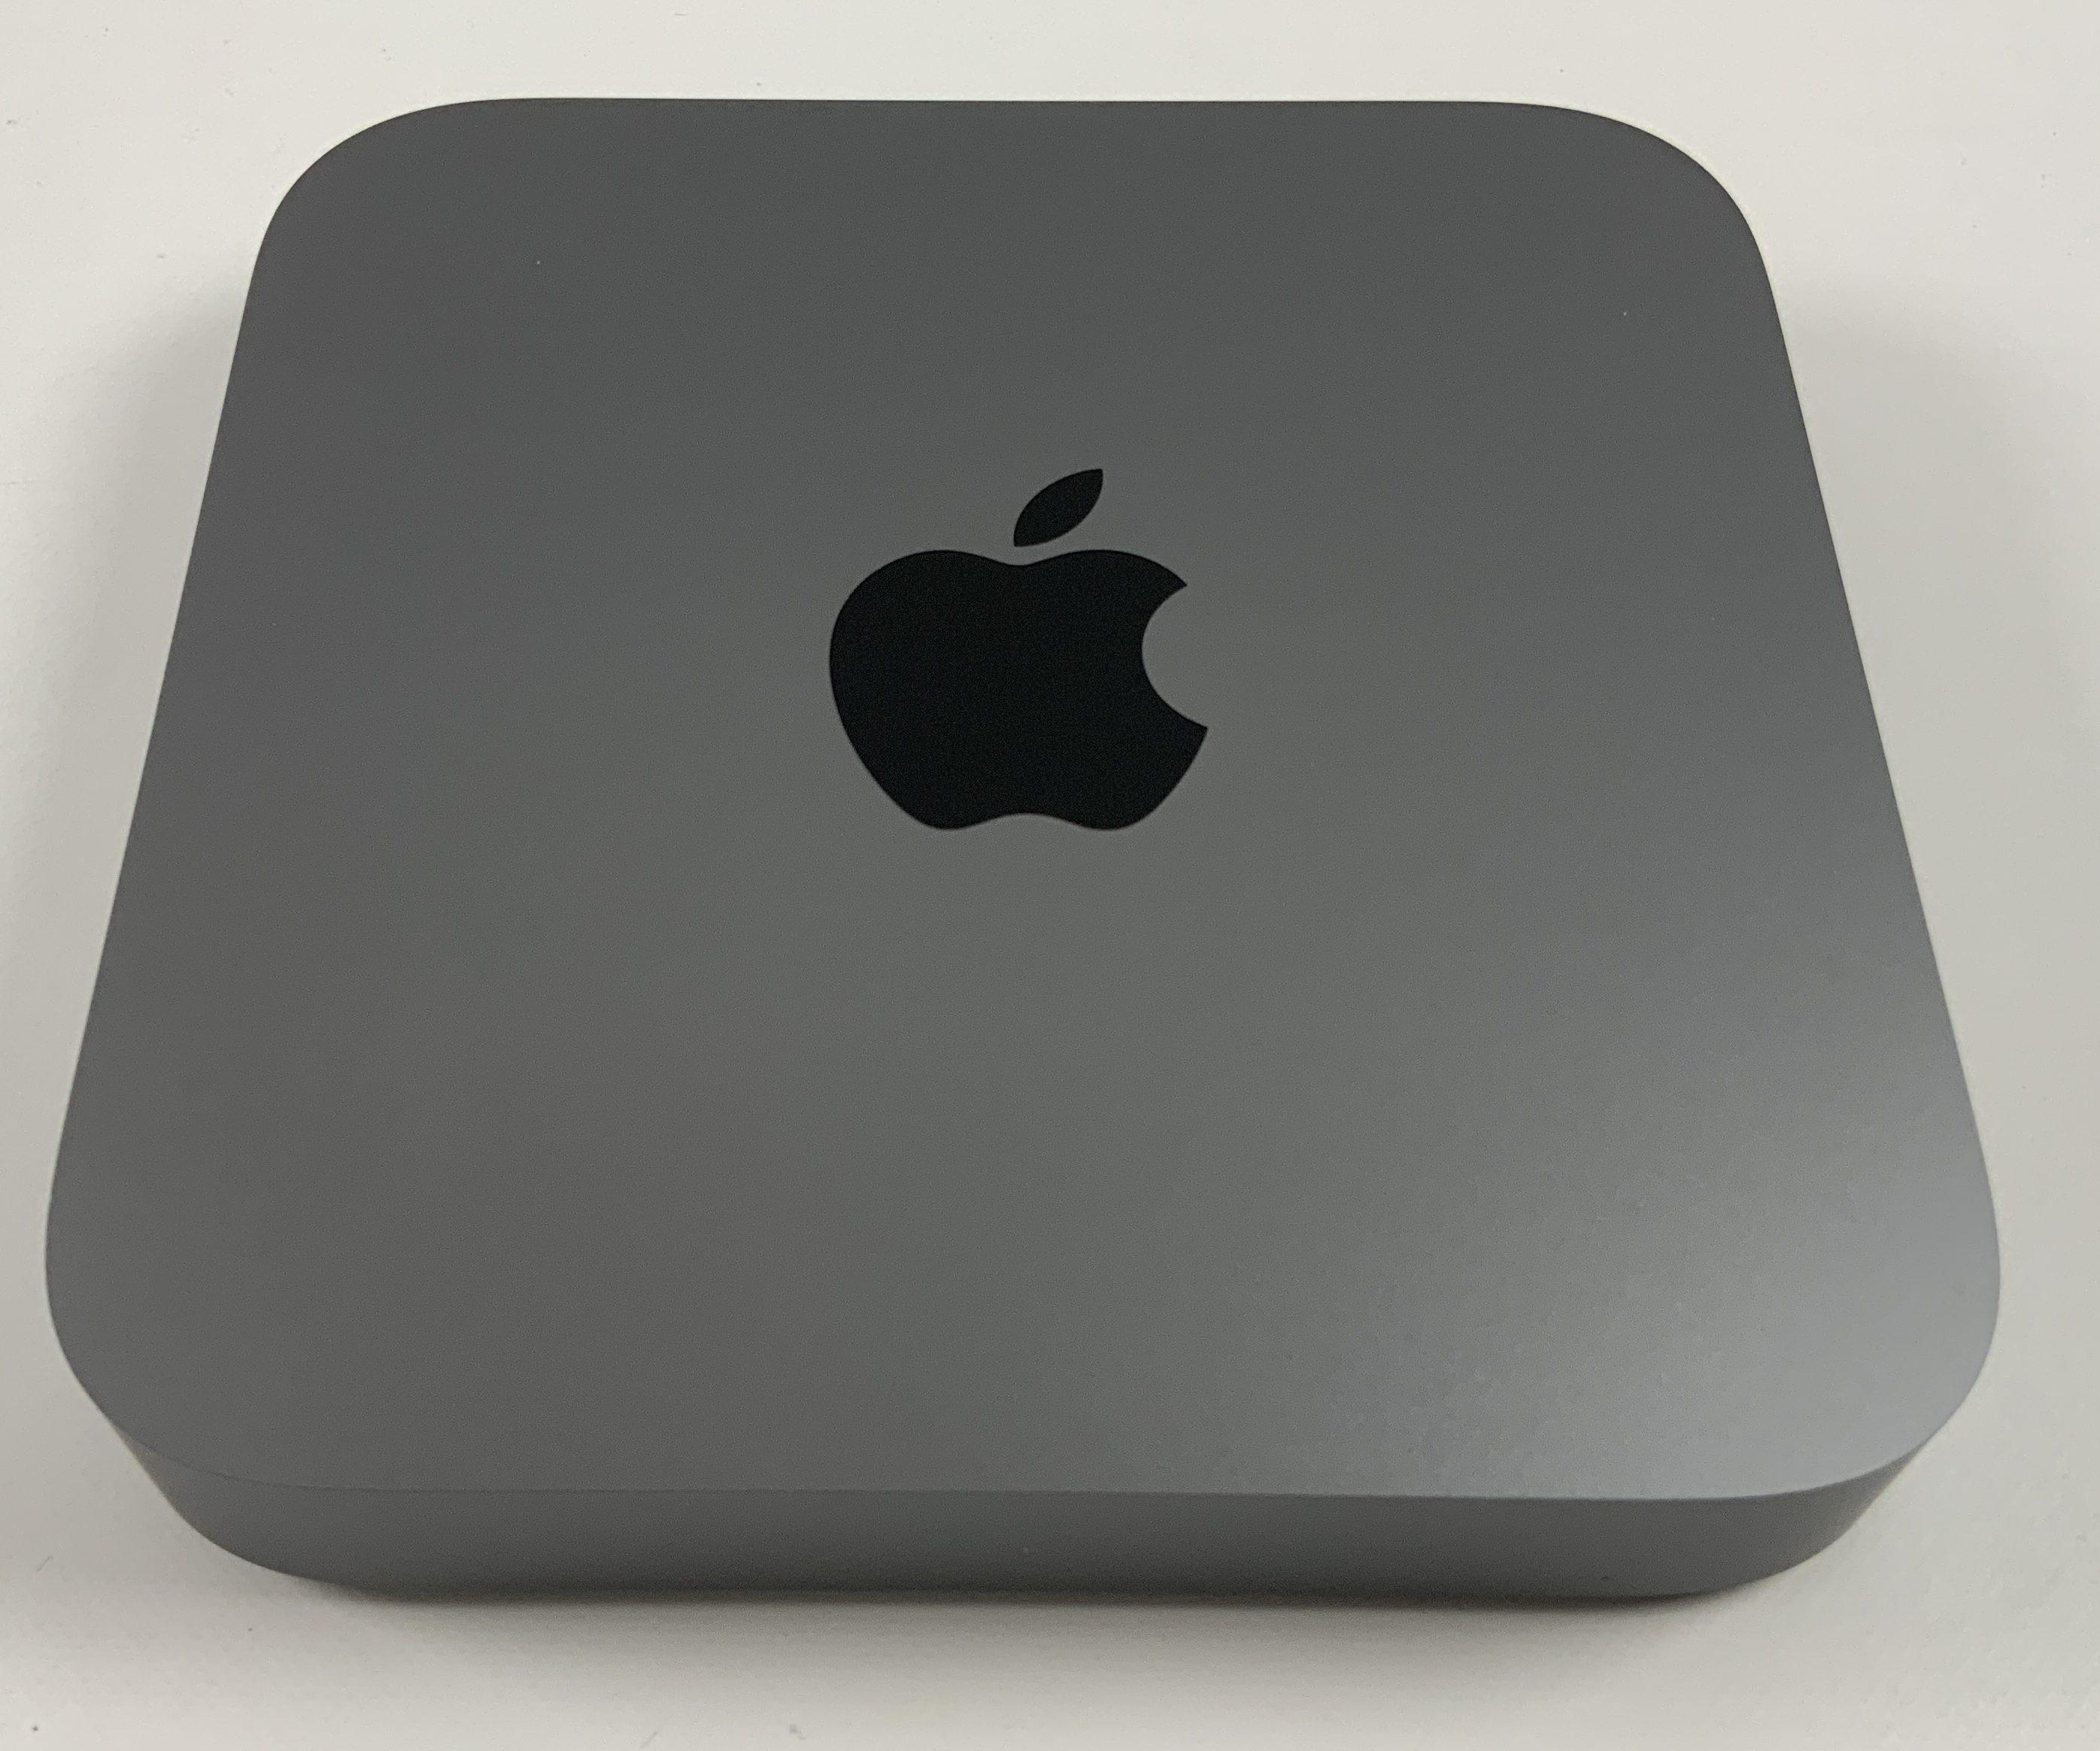 Mac Mini Late 2018 (Intel 6-Core i5 3.0 GHz 16 GB RAM 256 GB SSD), Intel 6-Core i5 3.0 GHz, 16 GB RAM, 256 GB SSD, immagine 1